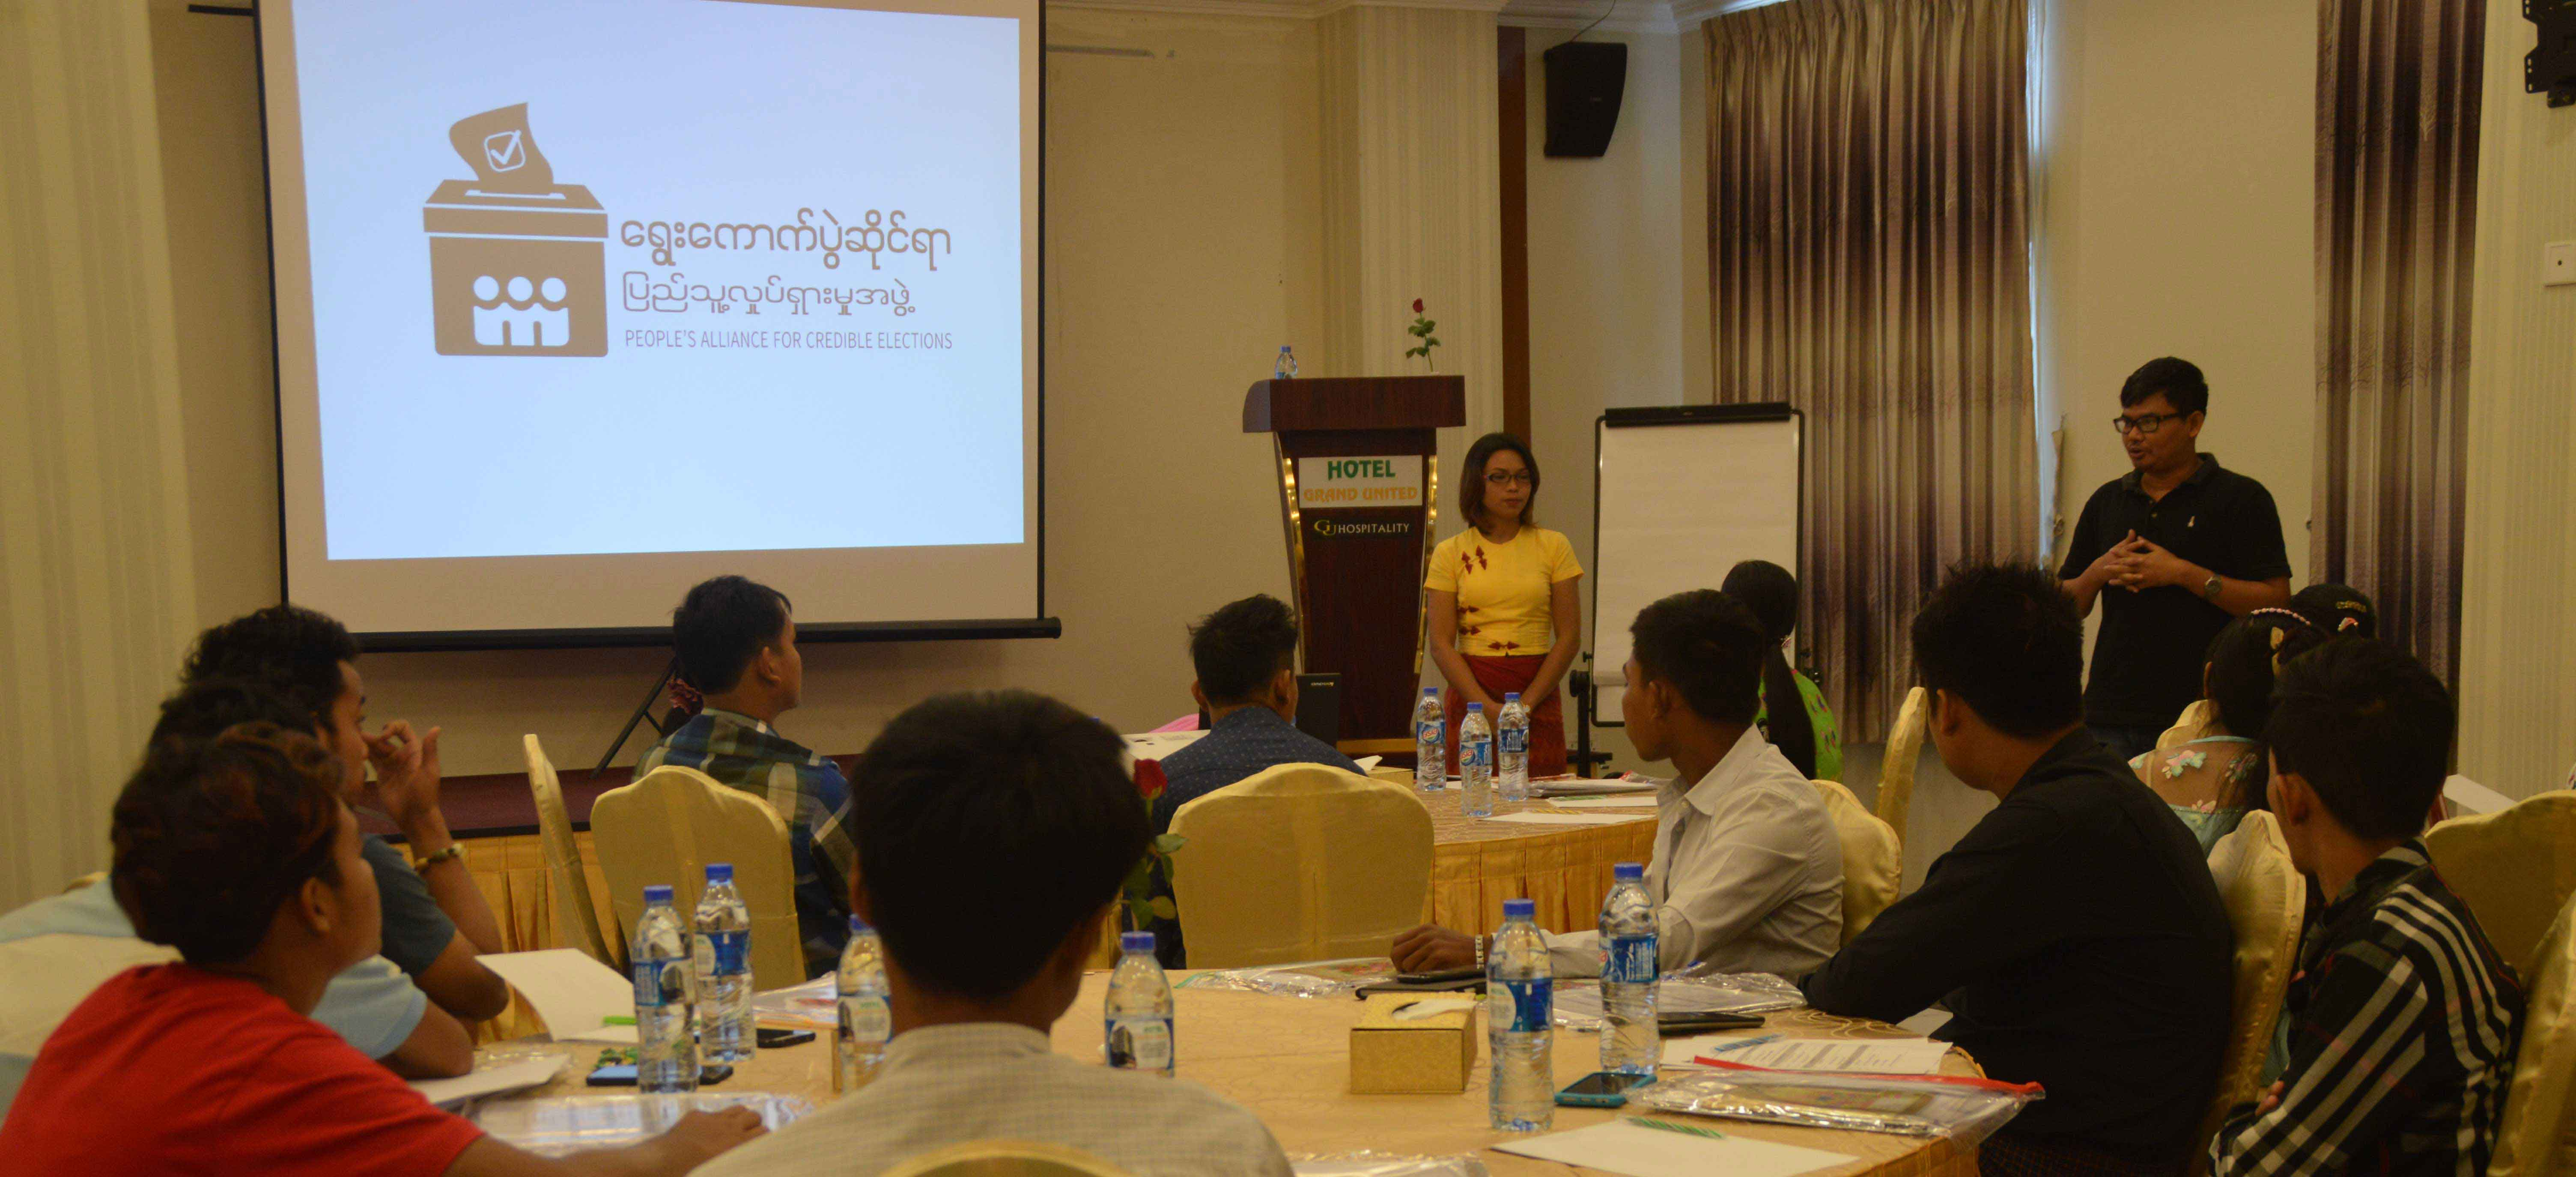 စစ်တမ်းကောက်ယူနည်းသင်တန်း (ရန်ကုန်)